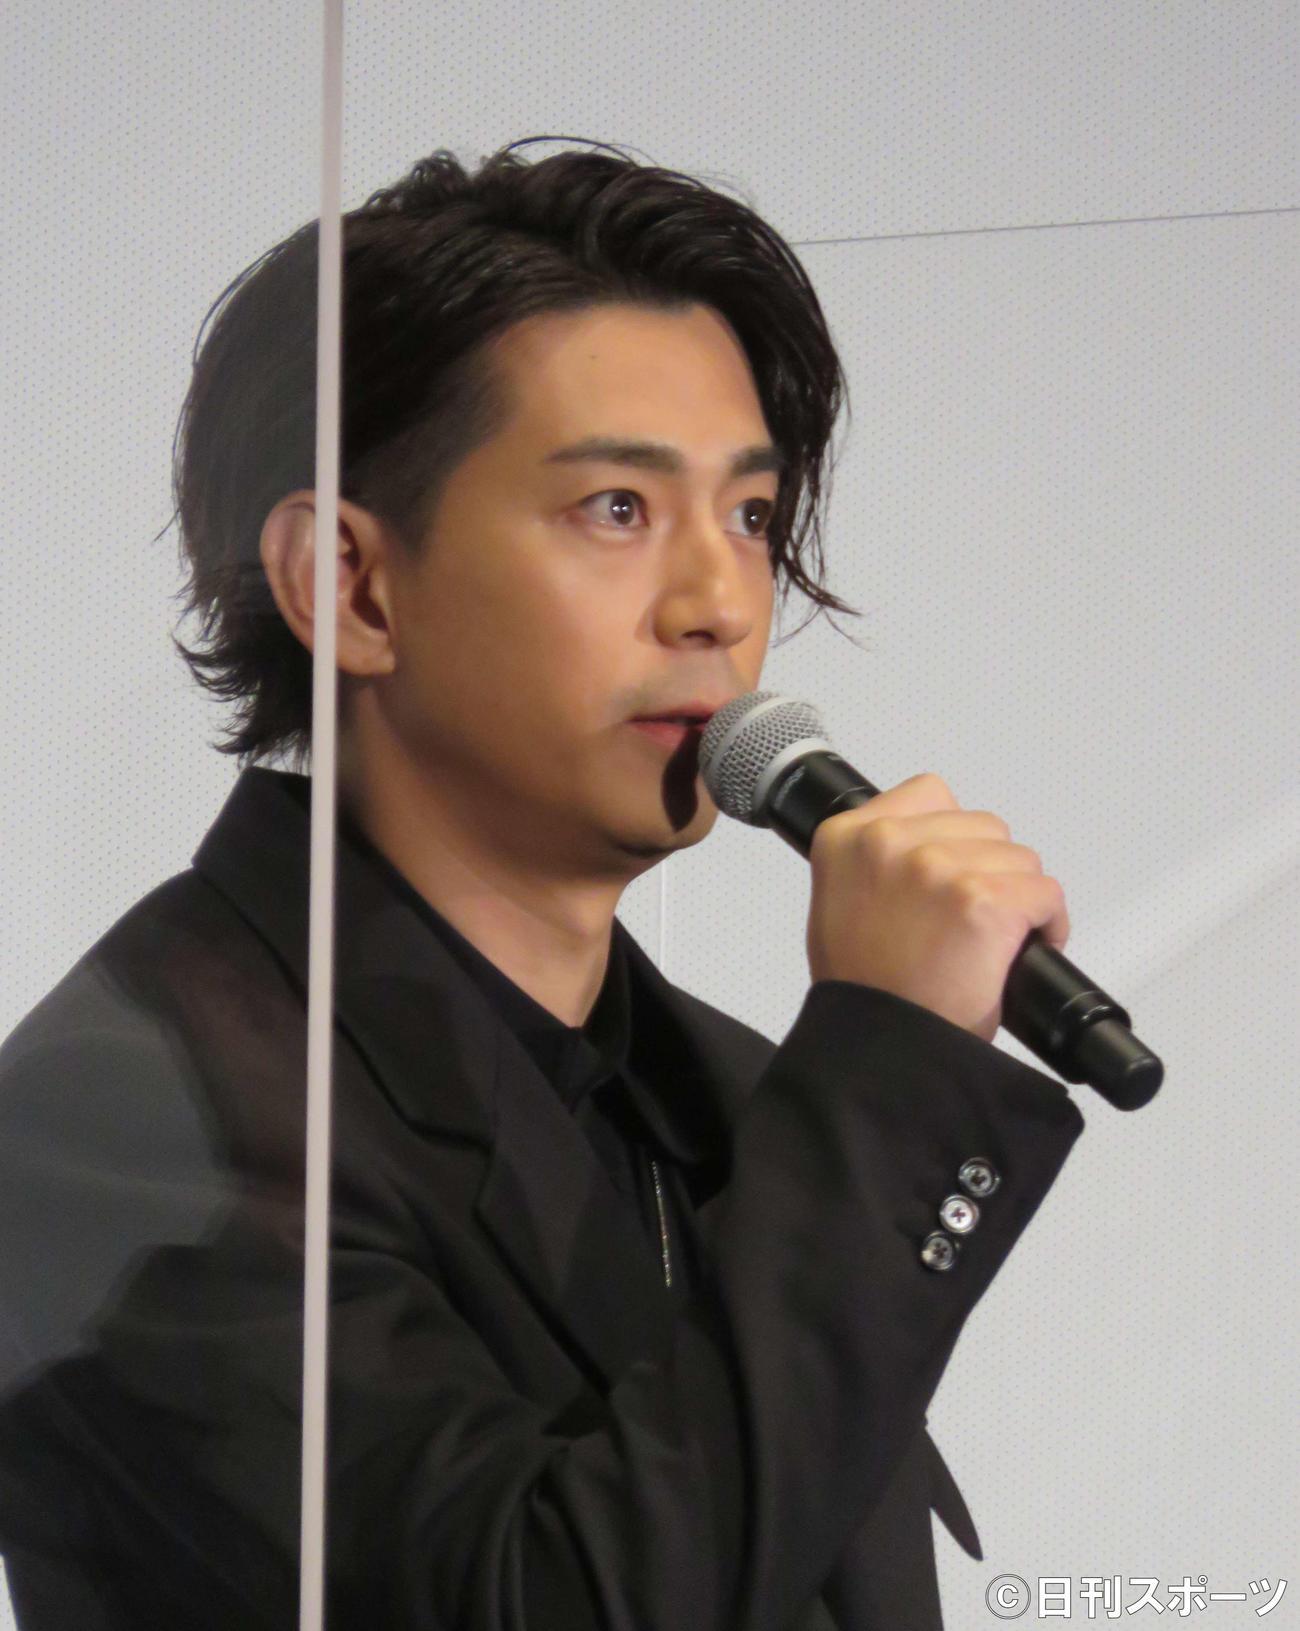 三浦春馬さん主演映画「天外者」完成舞台あいさつに出席した三浦翔平